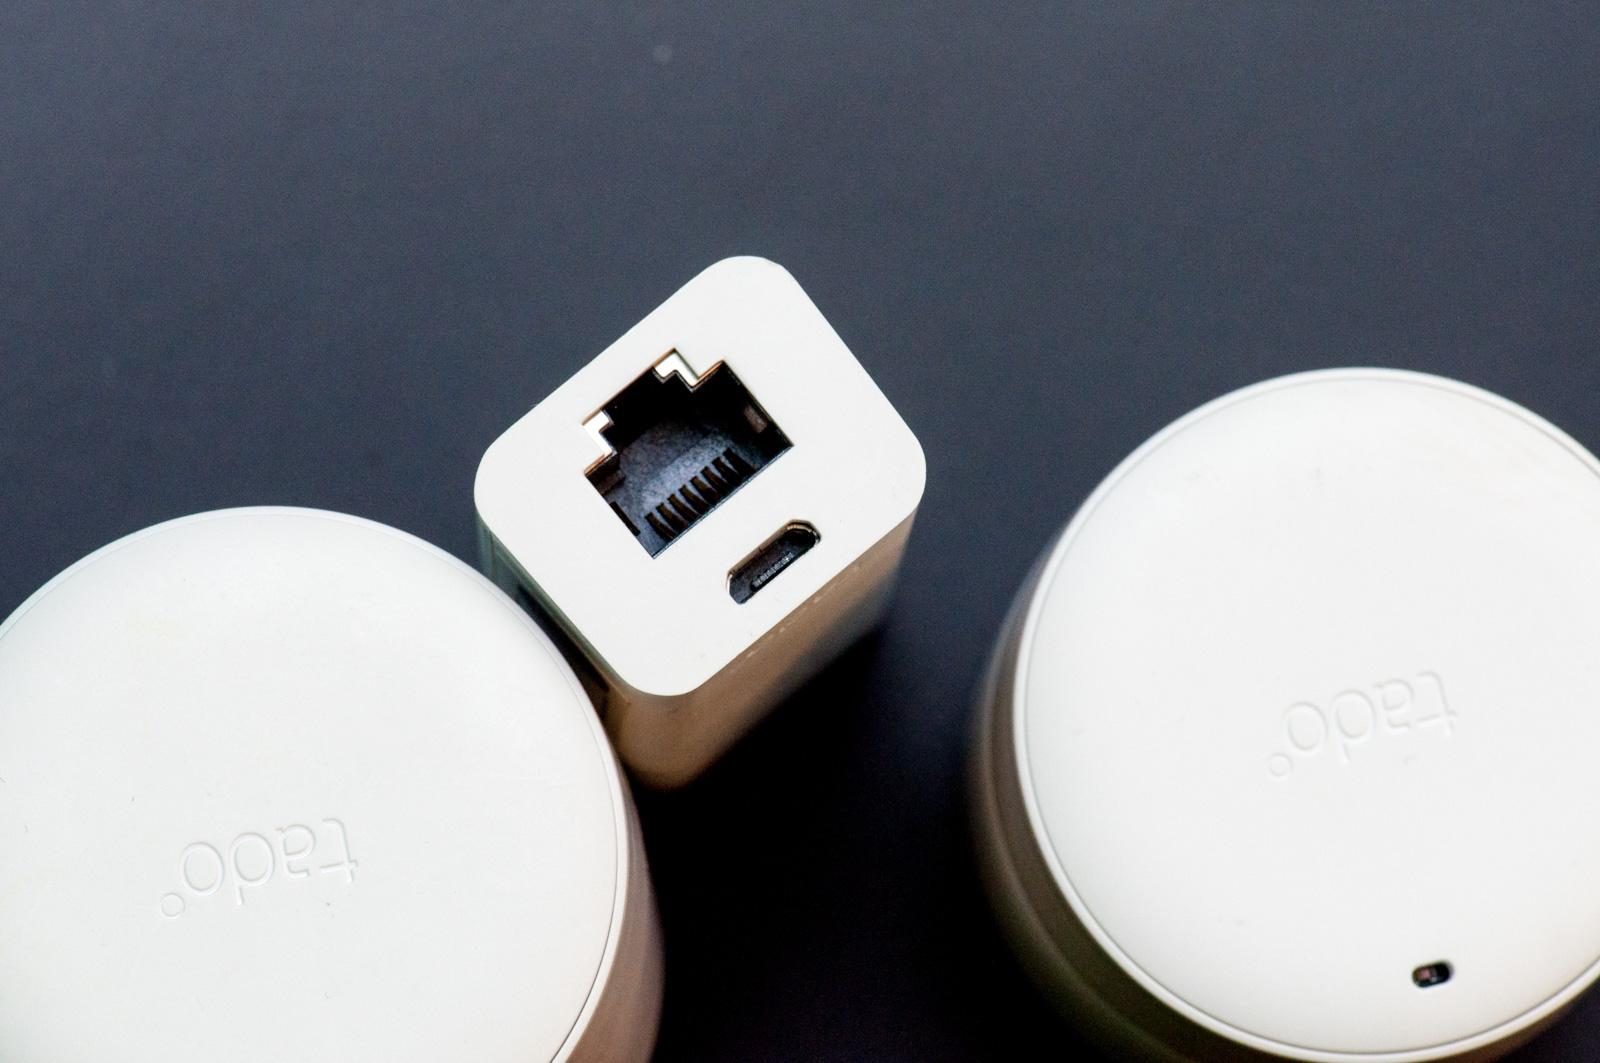 Tado im Test: Heizkörperthermostate mit effizientem Stalker-Modus - Ohne Internet Bridge geht es nicht. (Foto: Andreas Sebayang/Golem.de)